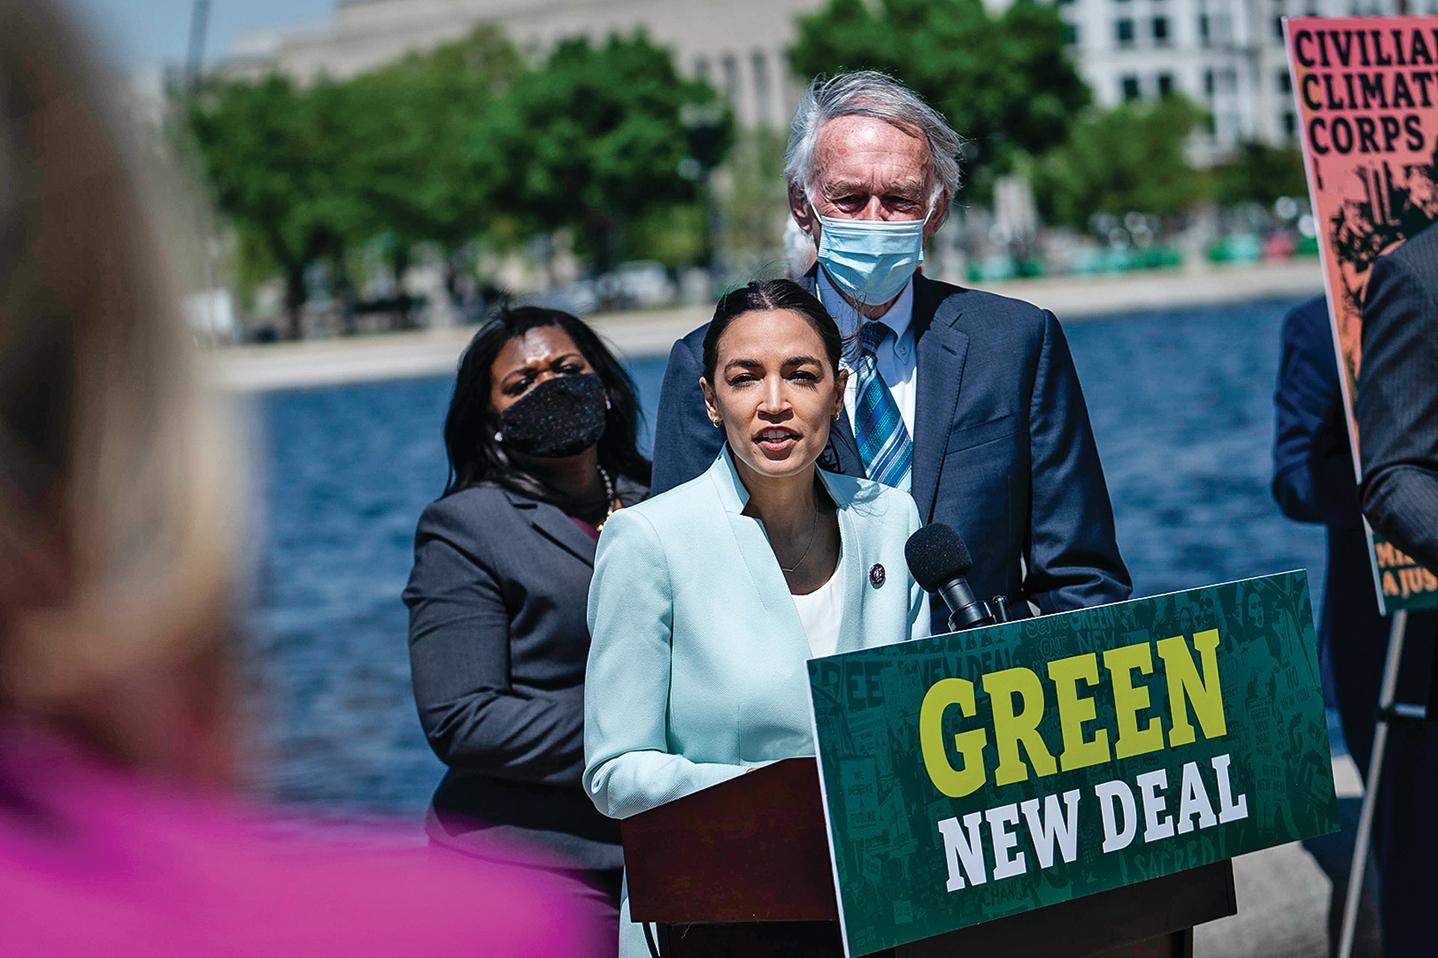 「綠色新政」是由美國的一批左派人士推出。圖為4月20日,美國紐約州民主黨眾議員奧卡西奧-科爾特斯(AOC)在華盛頓舉行的重新引入「綠色新政」的新聞發佈會上發言。(Getty Images)